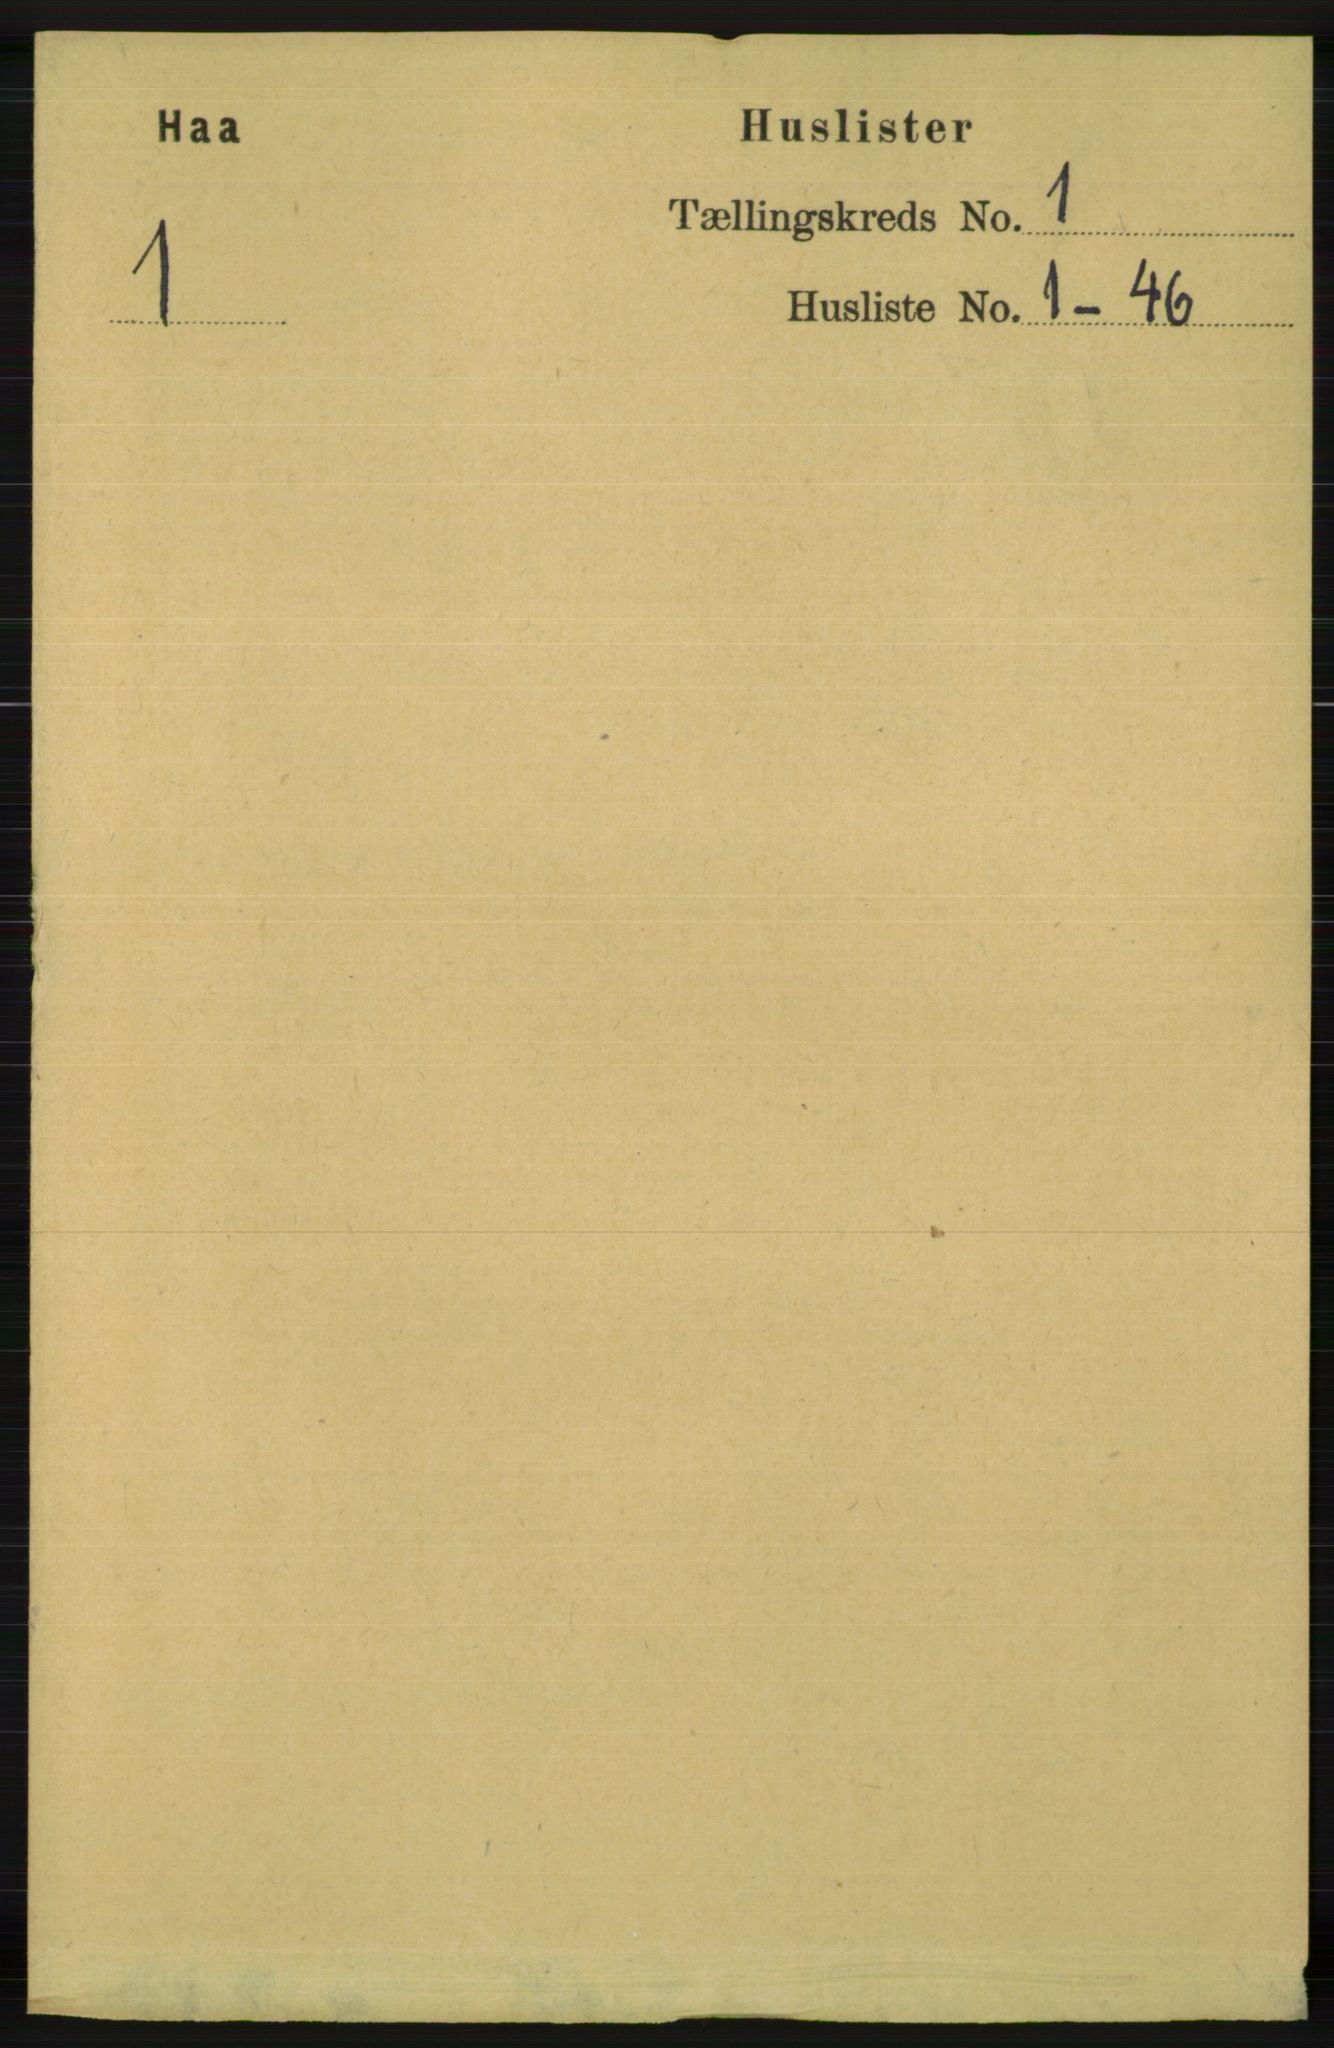 RA, Folketelling 1891 for 1119 Hå herred, 1891, s. 39